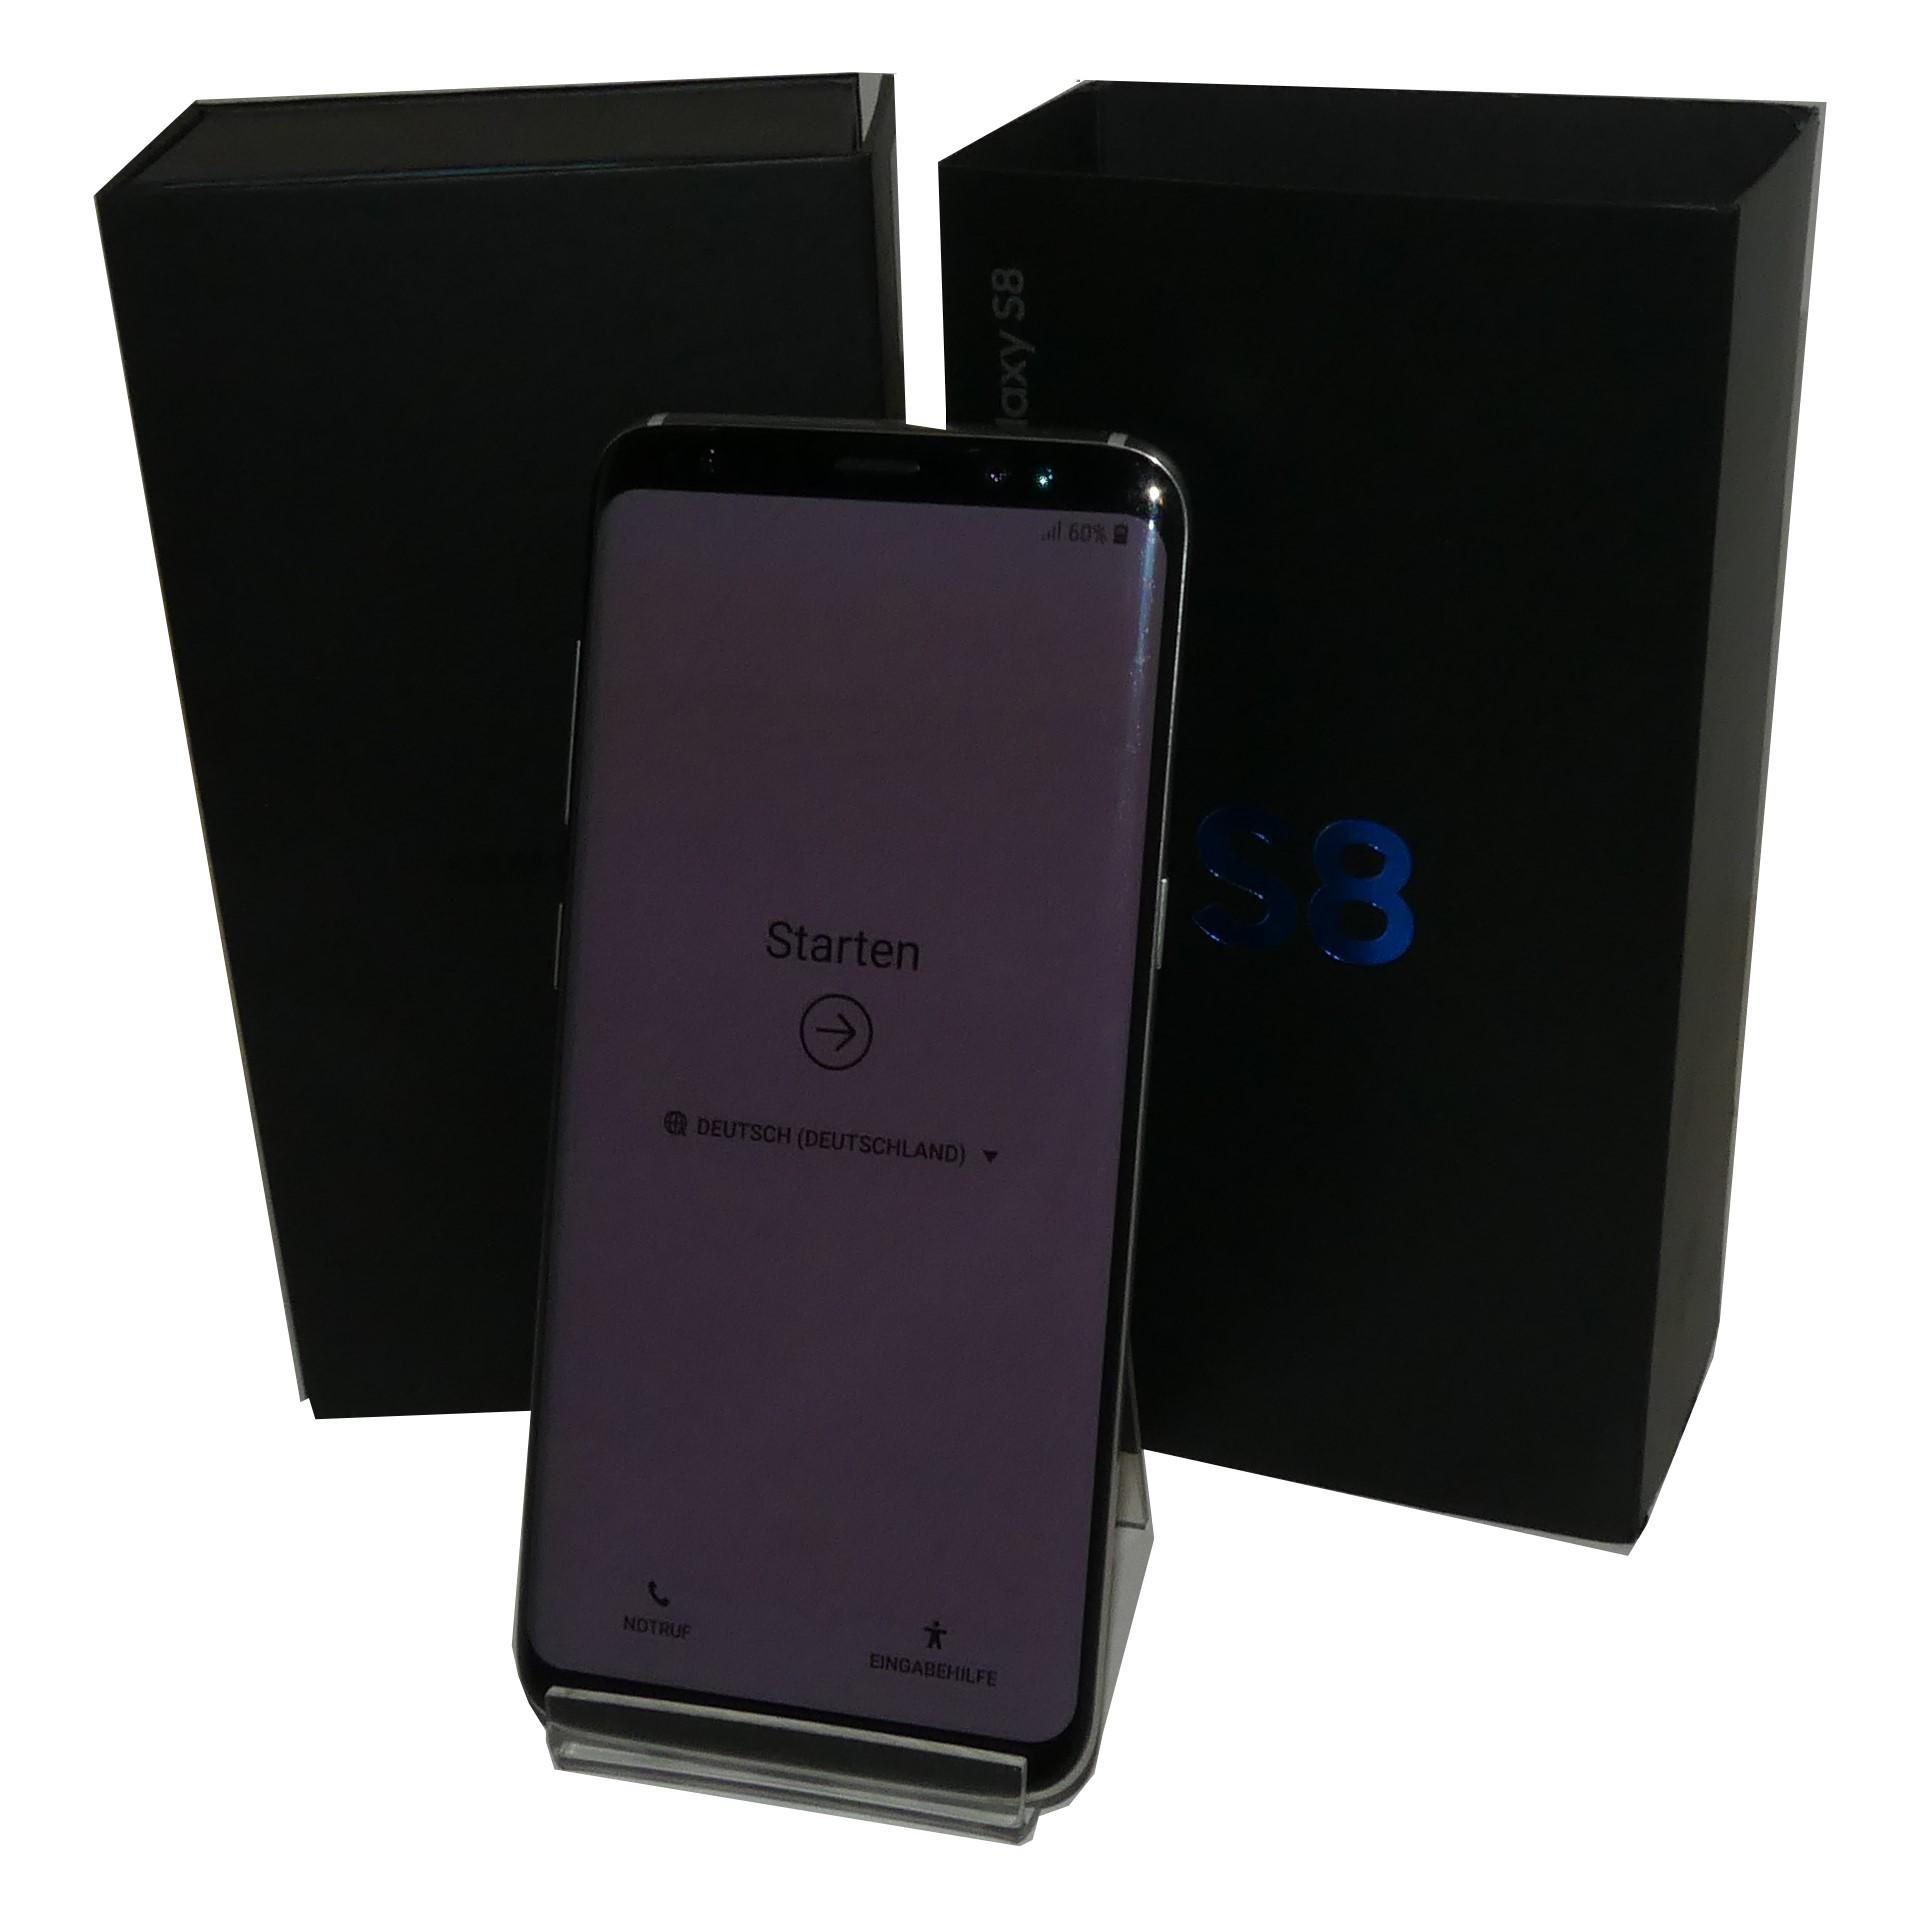 samsung galaxy s8 g950f schwarz 64gb smartphone gebraucht artikel smartphone handy an und. Black Bedroom Furniture Sets. Home Design Ideas